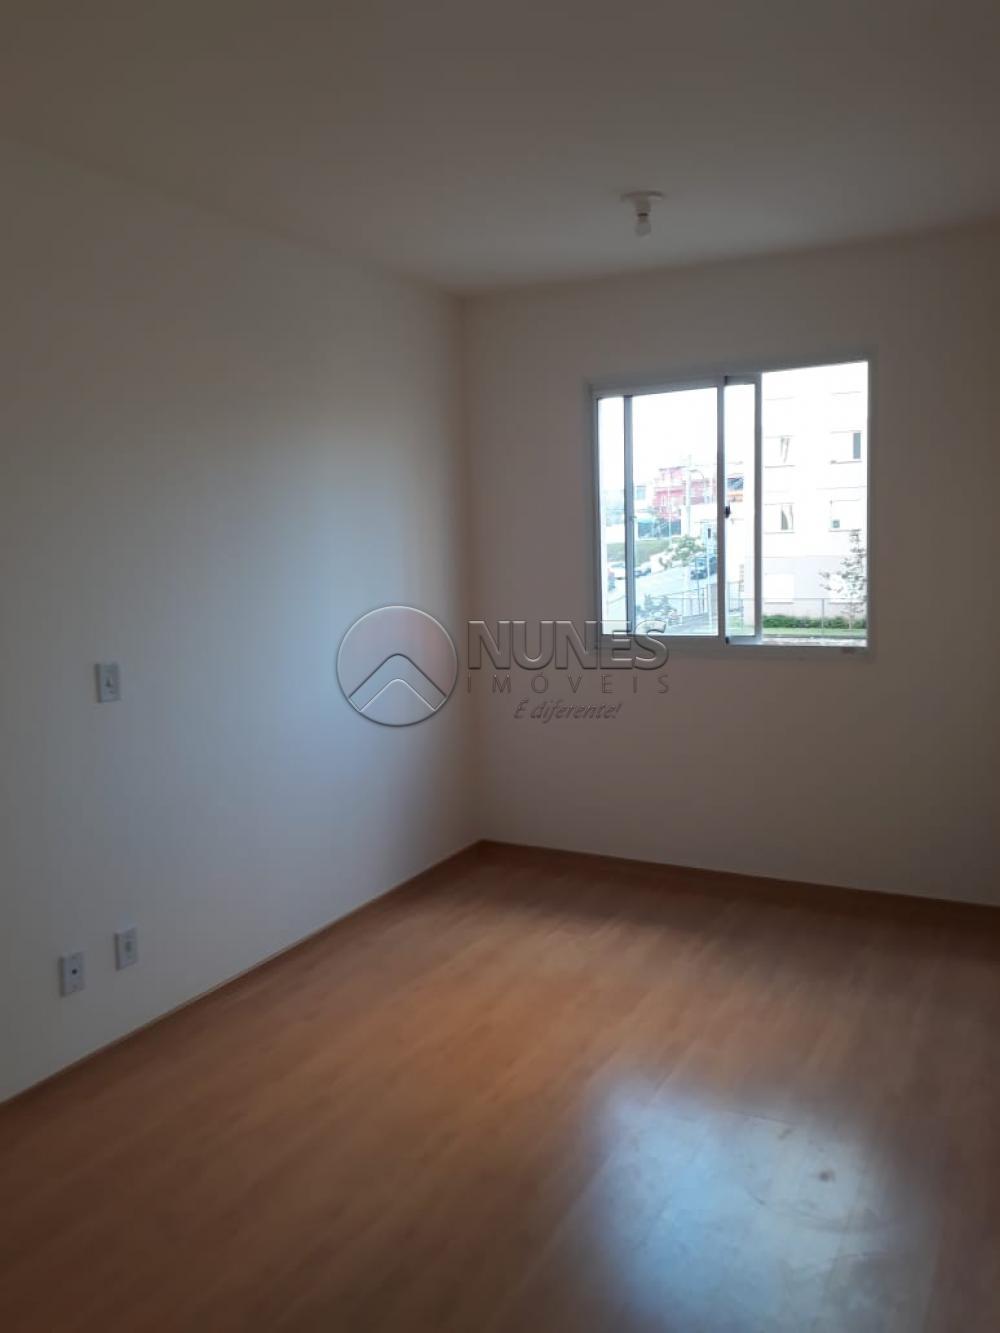 Comprar Apartamento / Padrão em Carapicuíba apenas R$ 215.000,00 - Foto 5